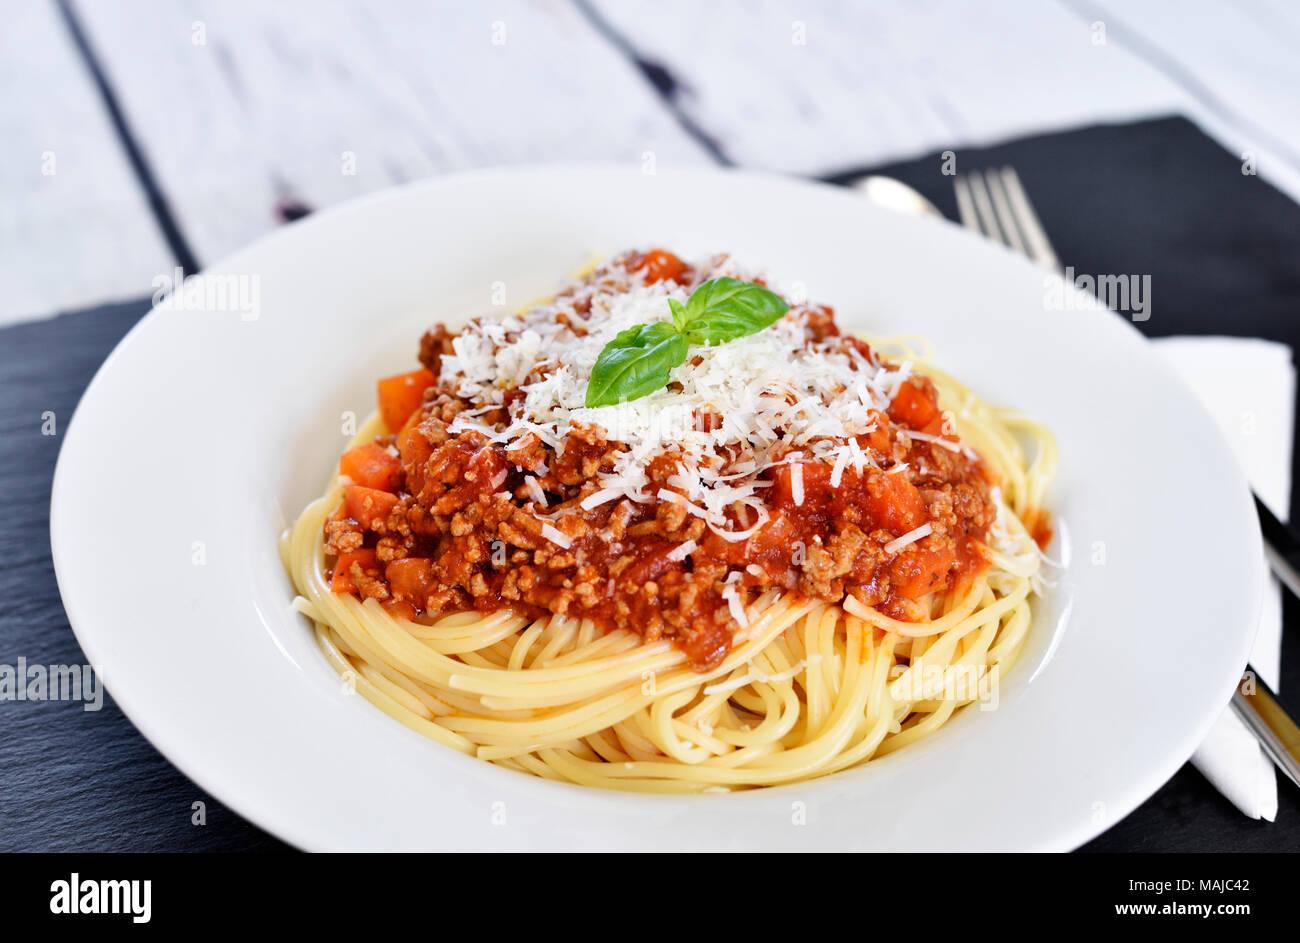 Deliziosa pasta pasto, spaghetti alla bolognese su una piastra bianca. Piatto di pasta, cibo tradizionale italiano con formaggio parmigiano, le carni macinate e le foglie di basilico. Immagini Stock